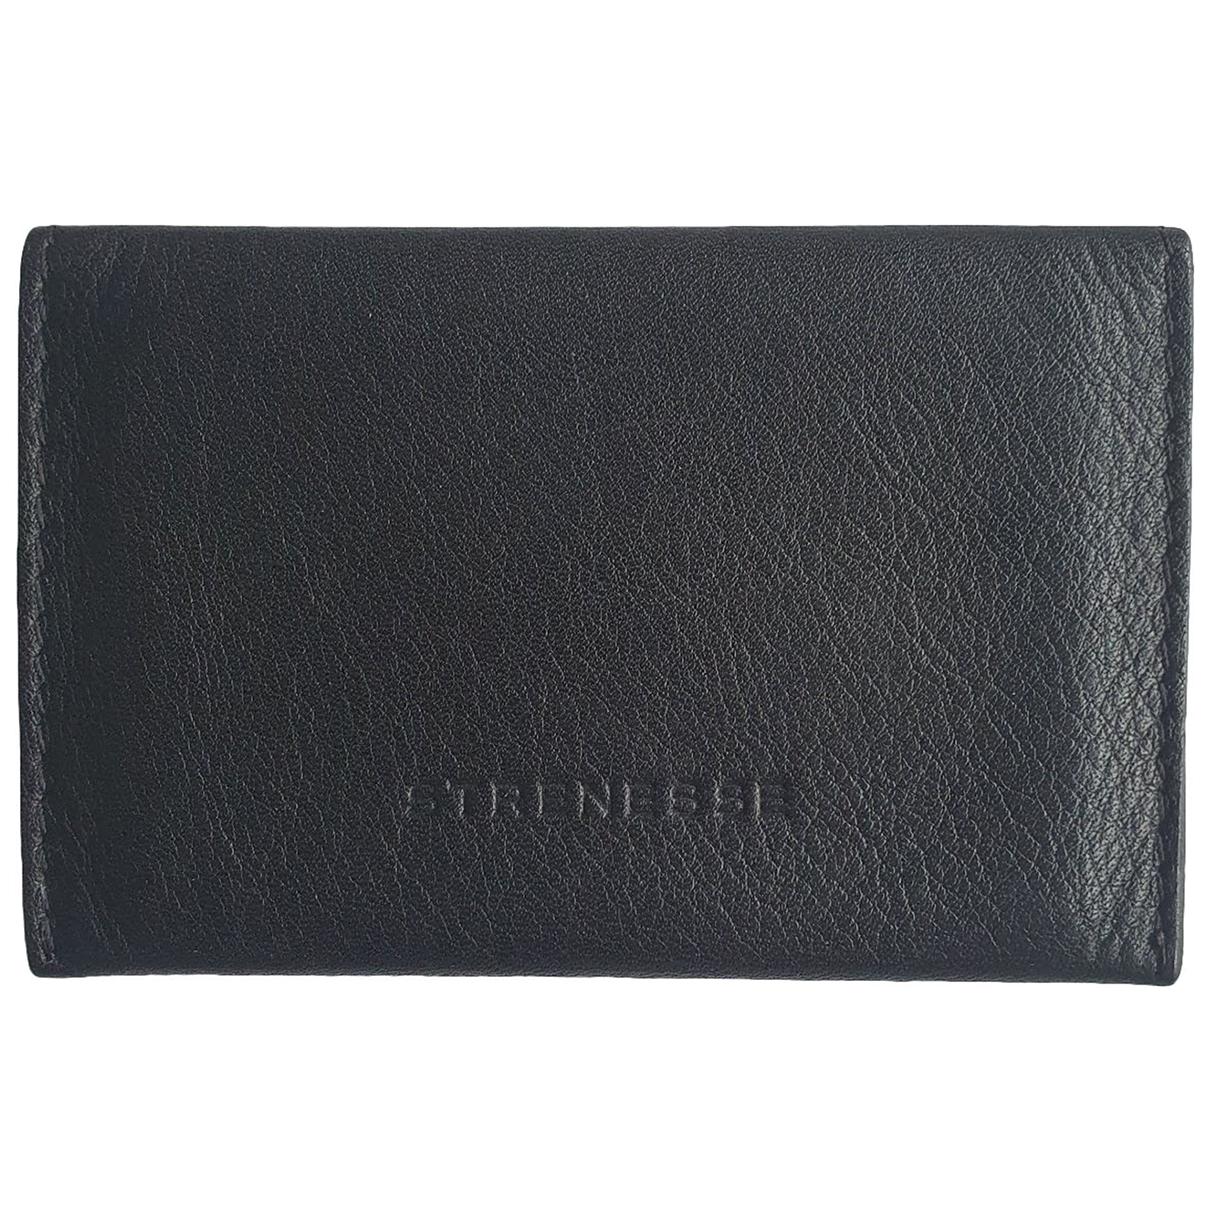 Strenesse \N Portemonnaie in  Schwarz Leder